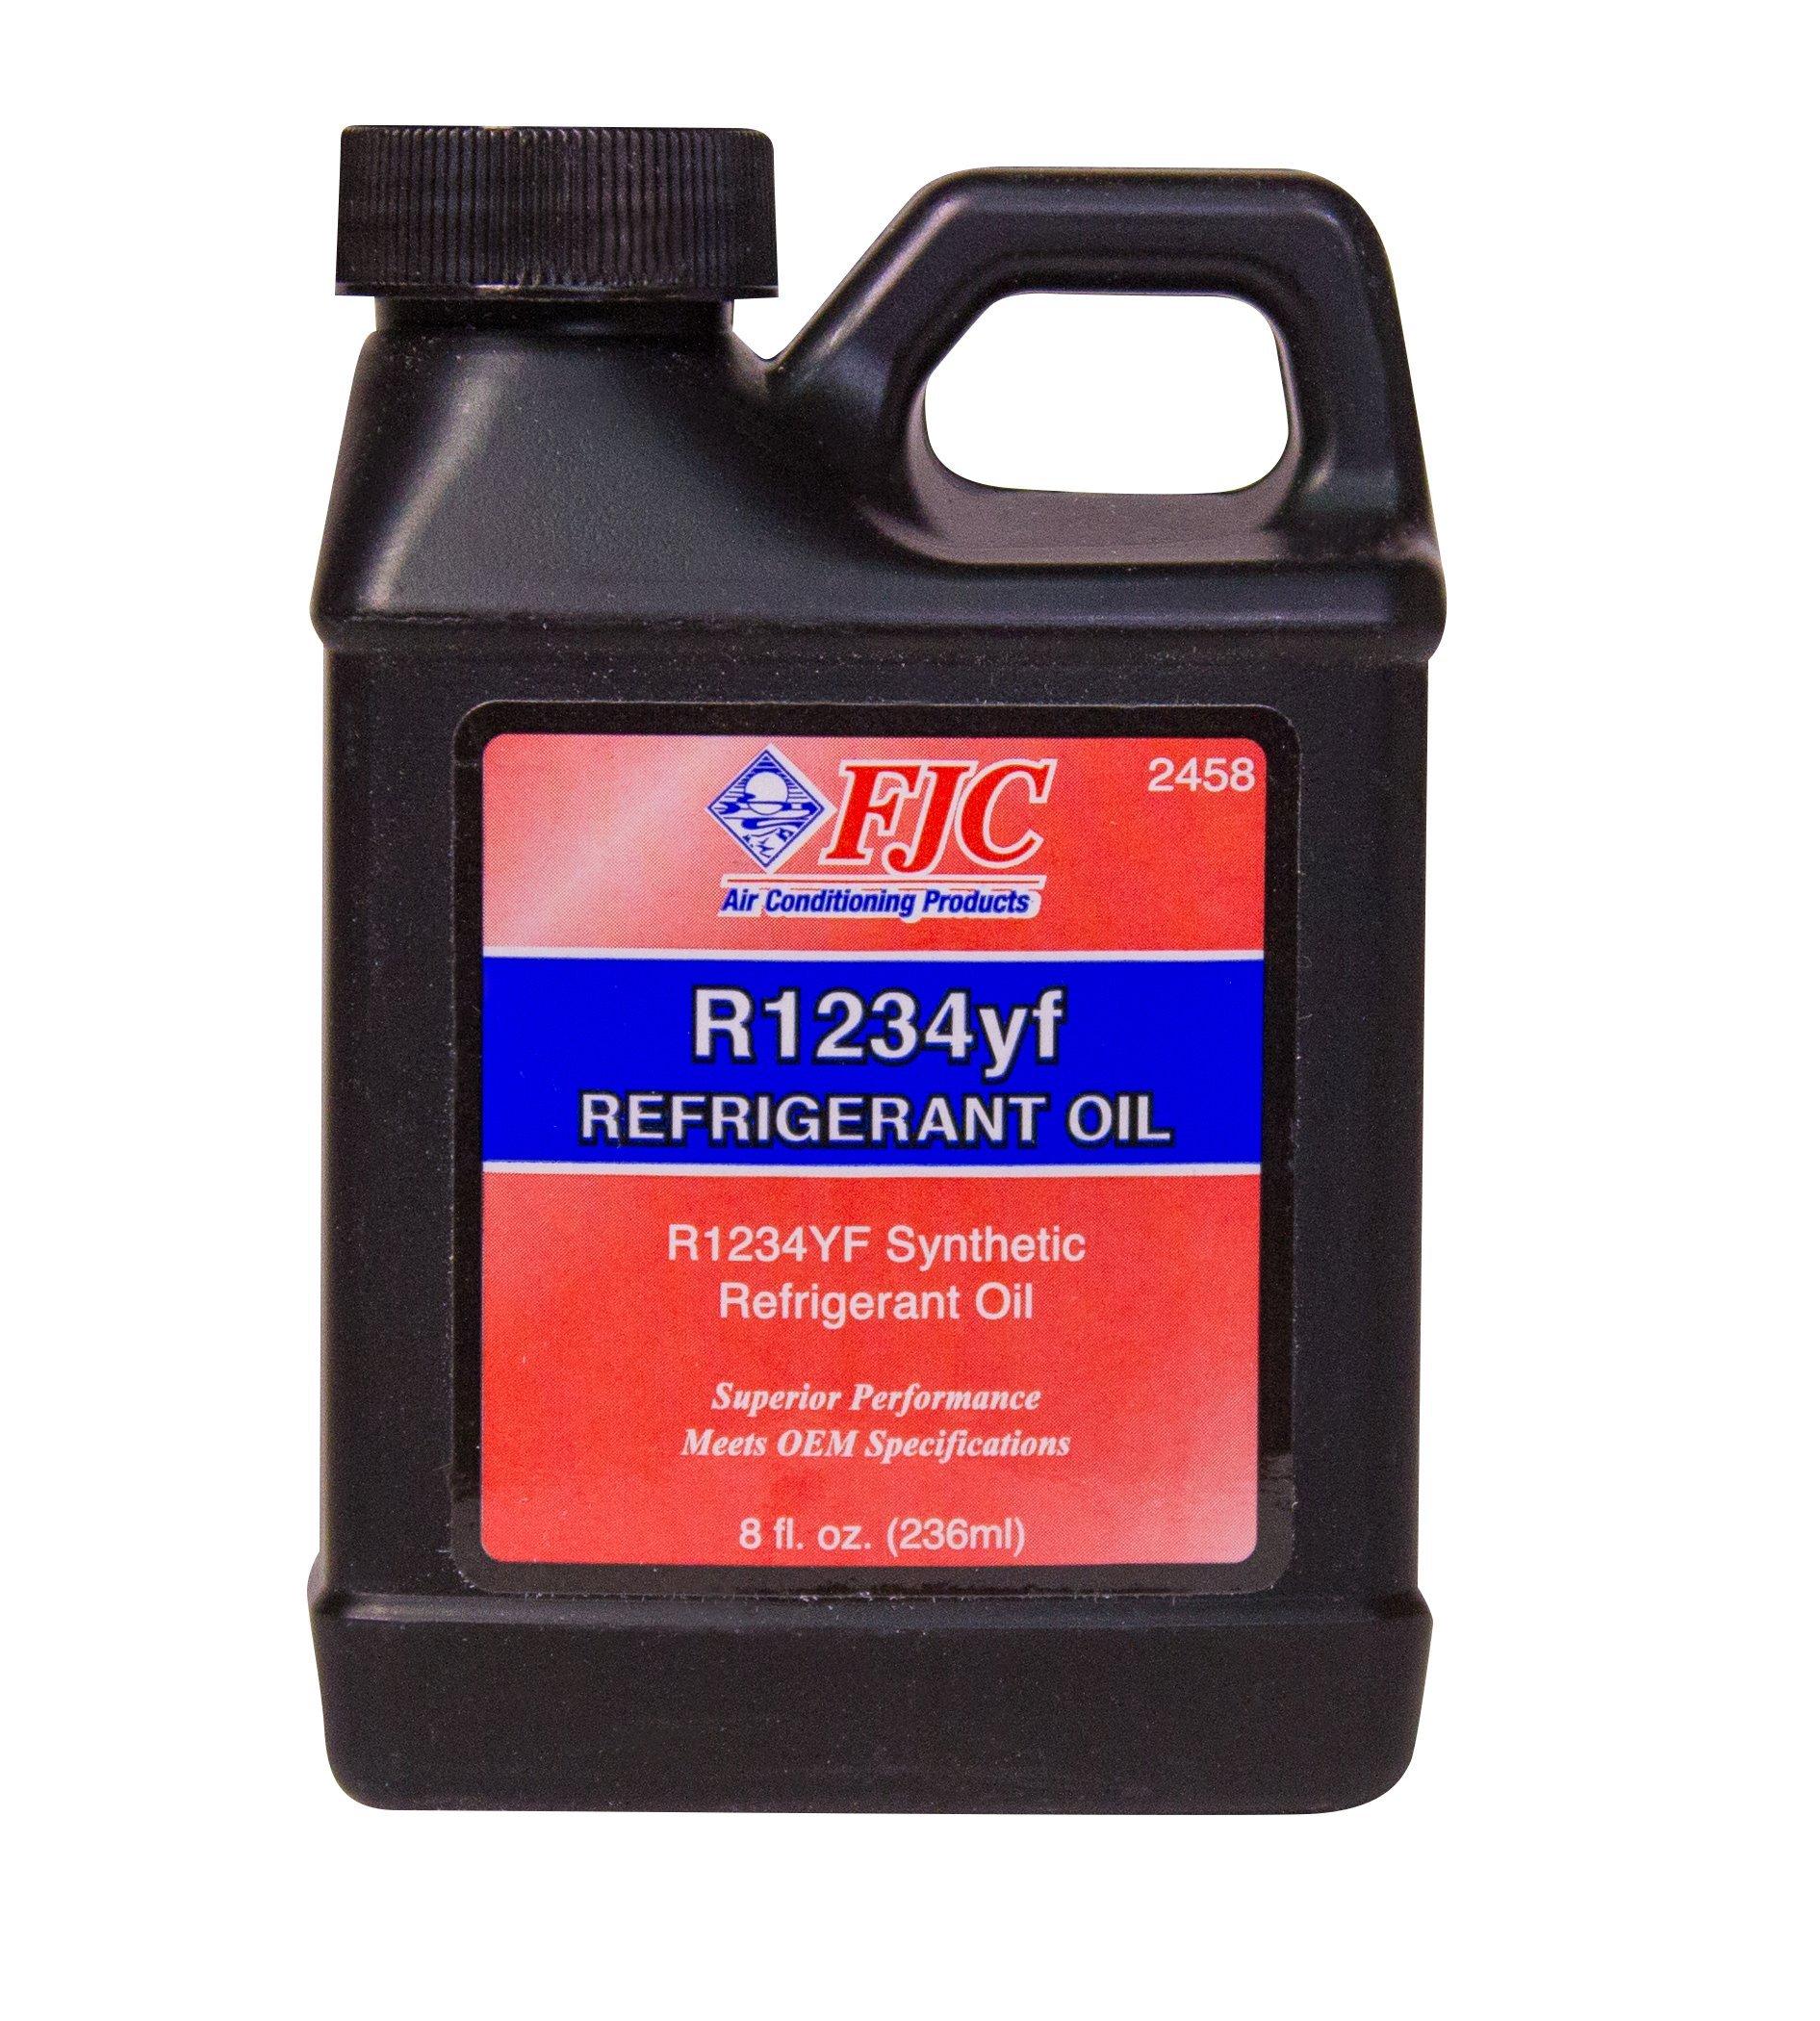 FJC 2458 R1234YF Refrigerant Oil, 8 fl. oz, 1 Pack by FJC